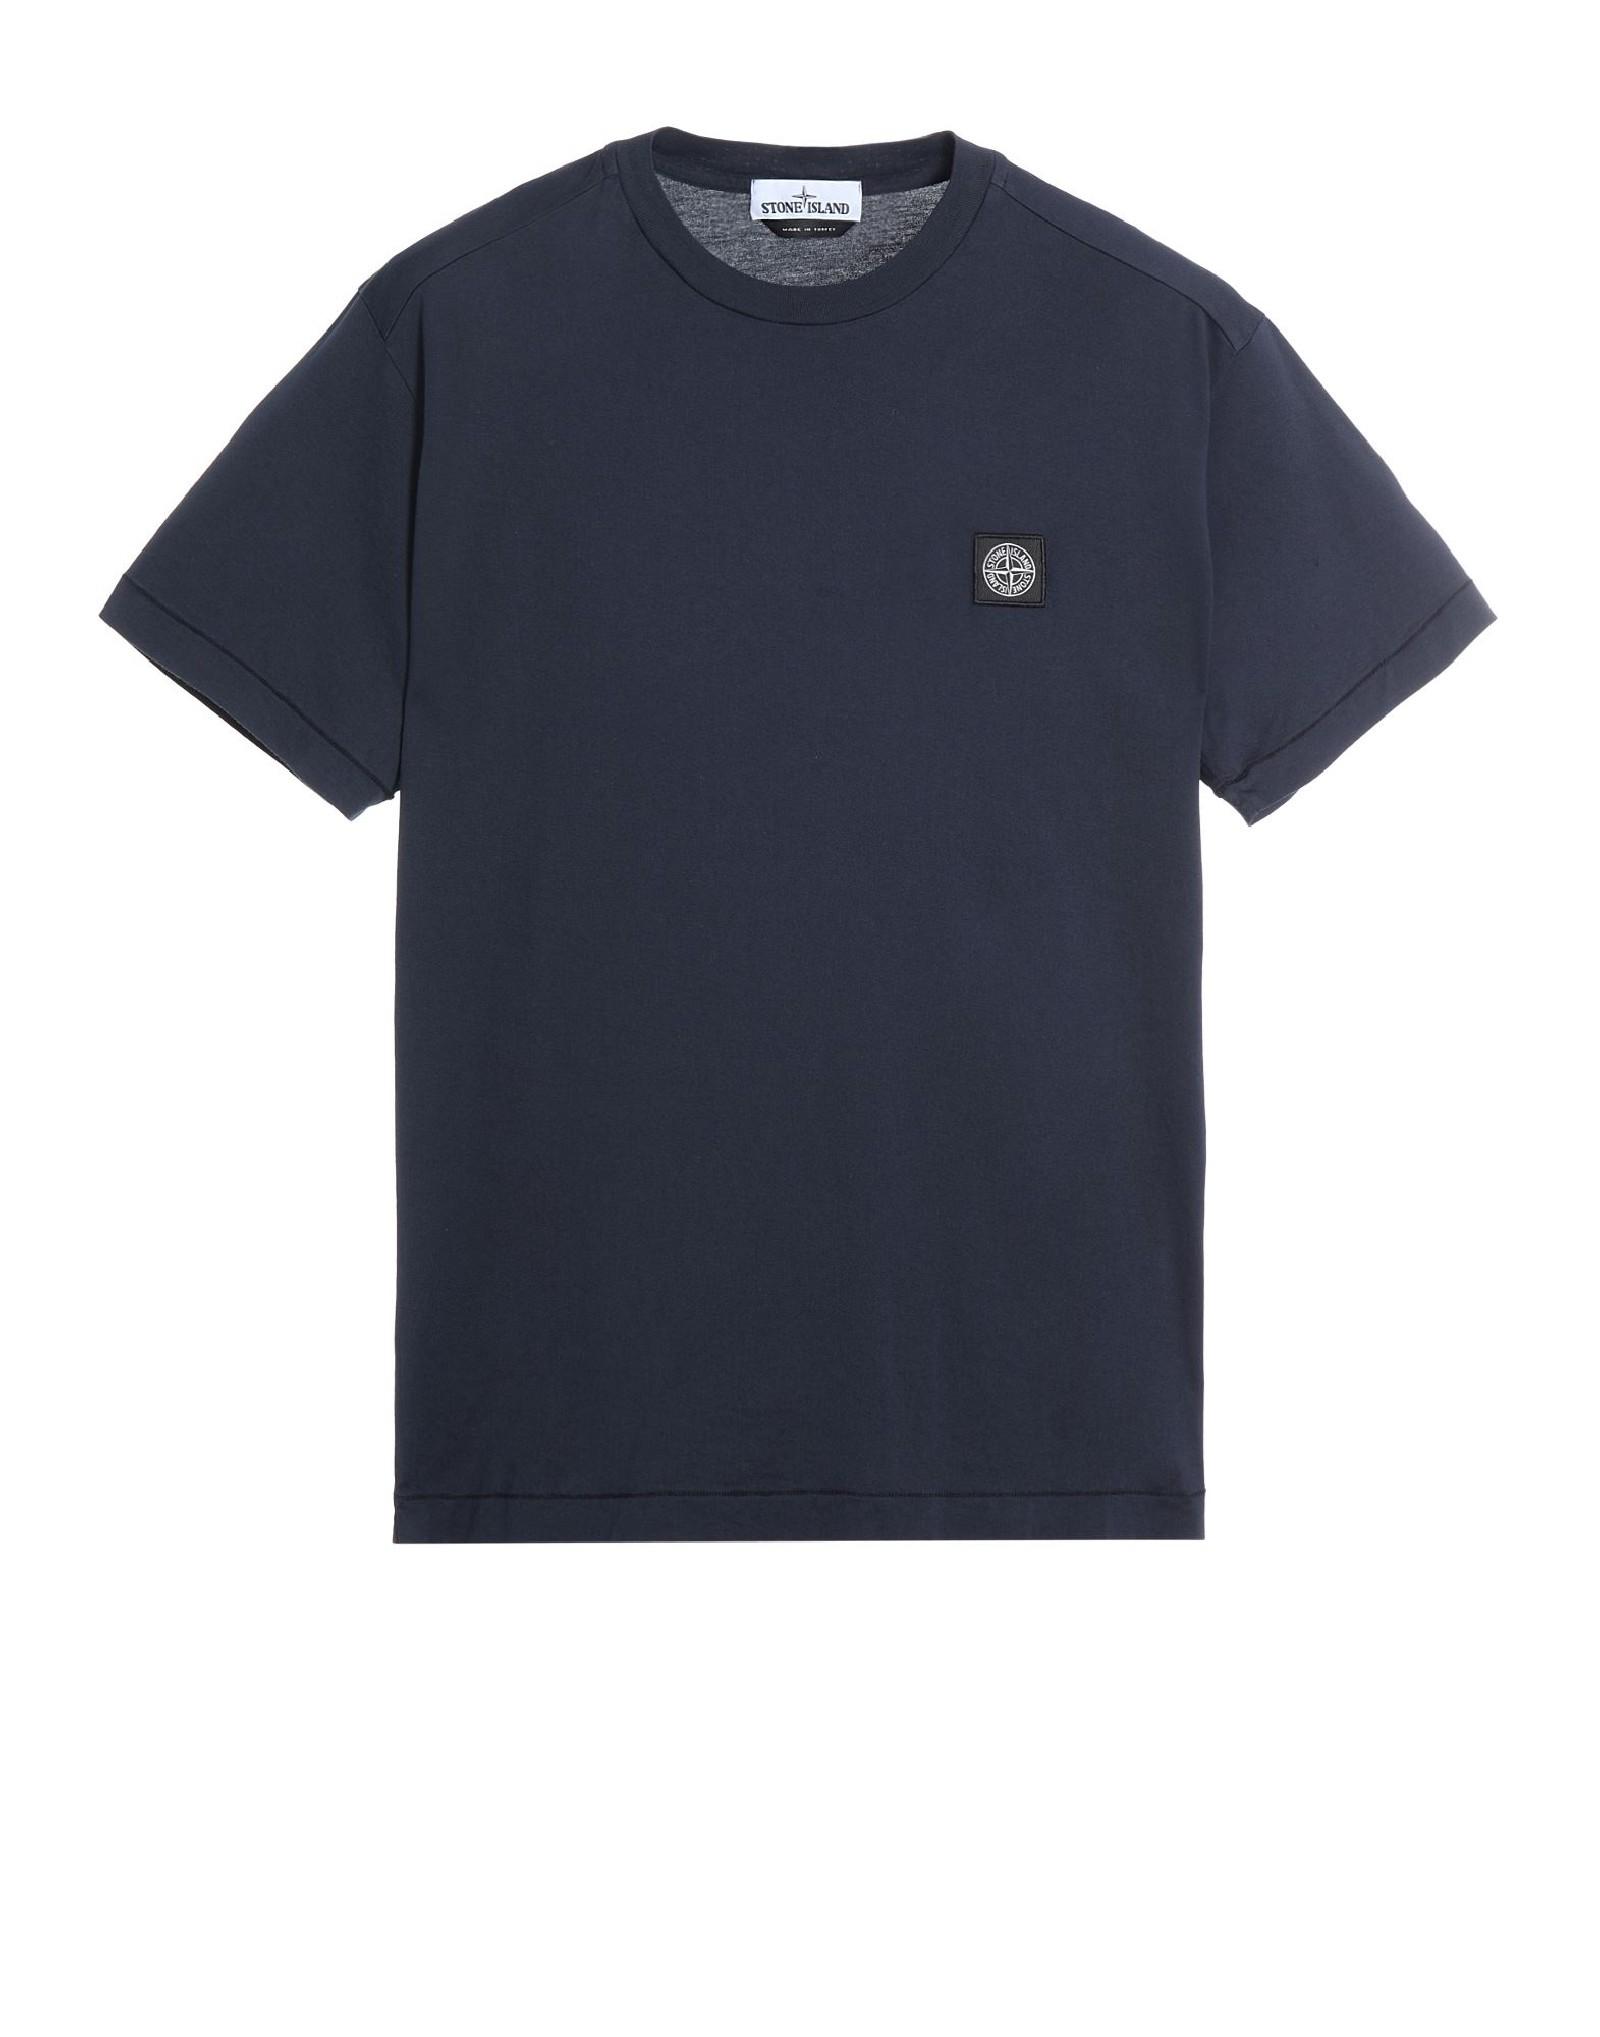 T-shirt girocollo STONE ISLAND | T-shirt | MO741524113V0020